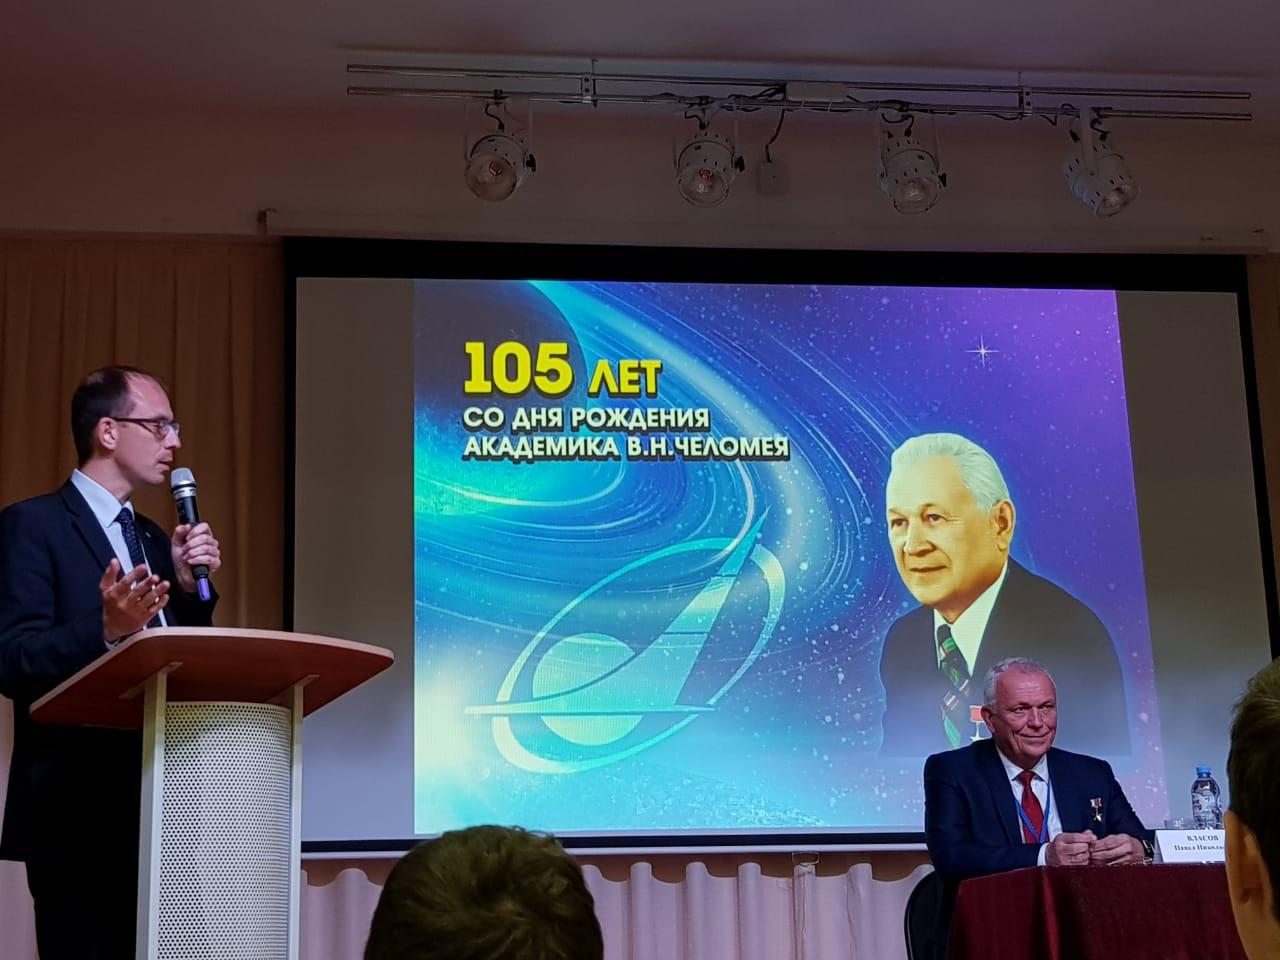 Фестиваль «От Винта!» и ВПК «НПО машиностроения» объявили научный конкурс памяти академика Челомея